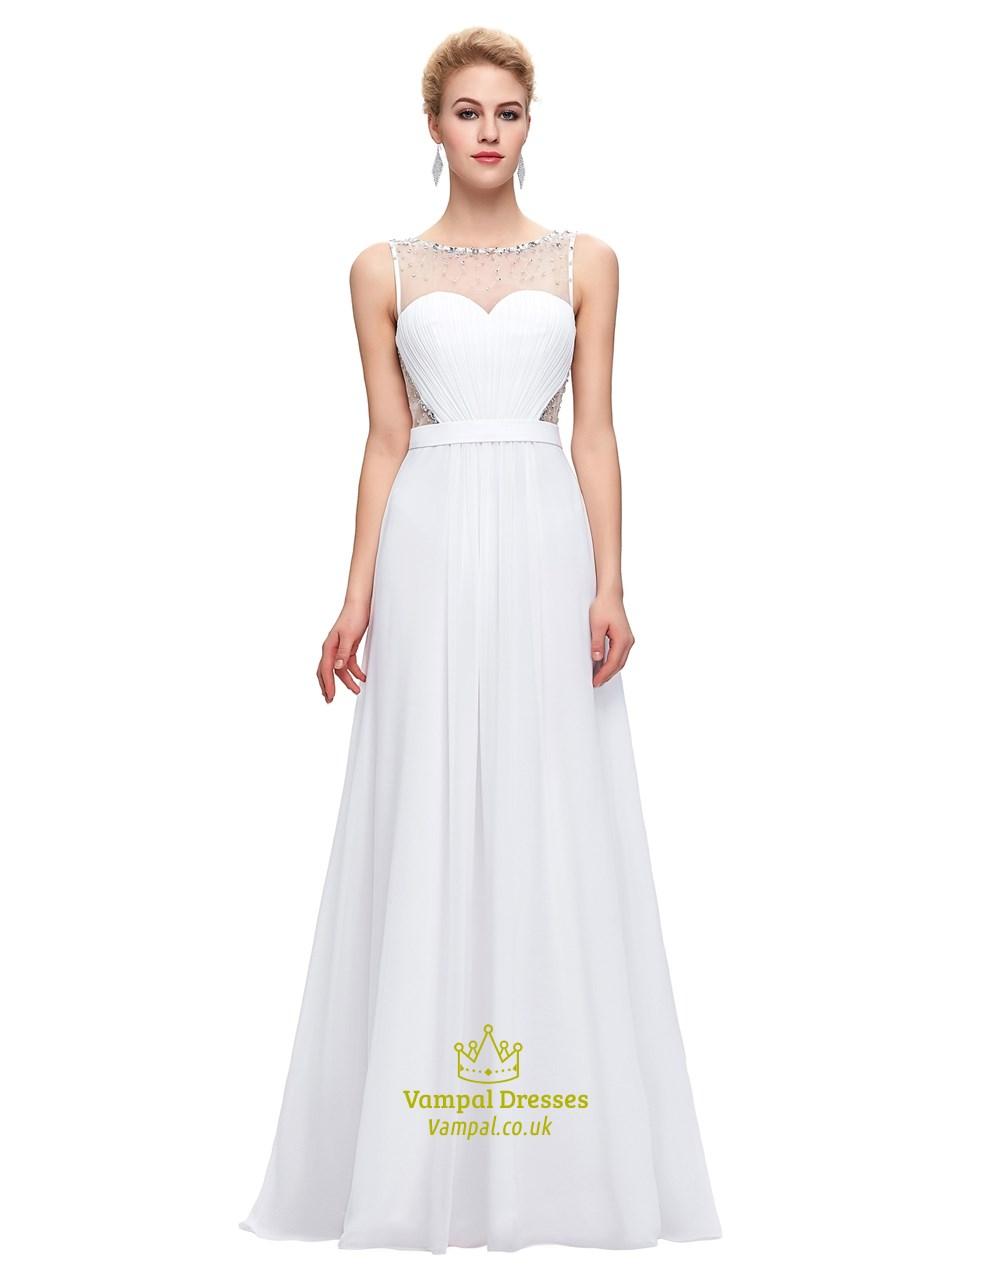 7930850801b White Bateau Illusion Back Beaded Ruched Waist Chiffon Prom Dress SKU -C557